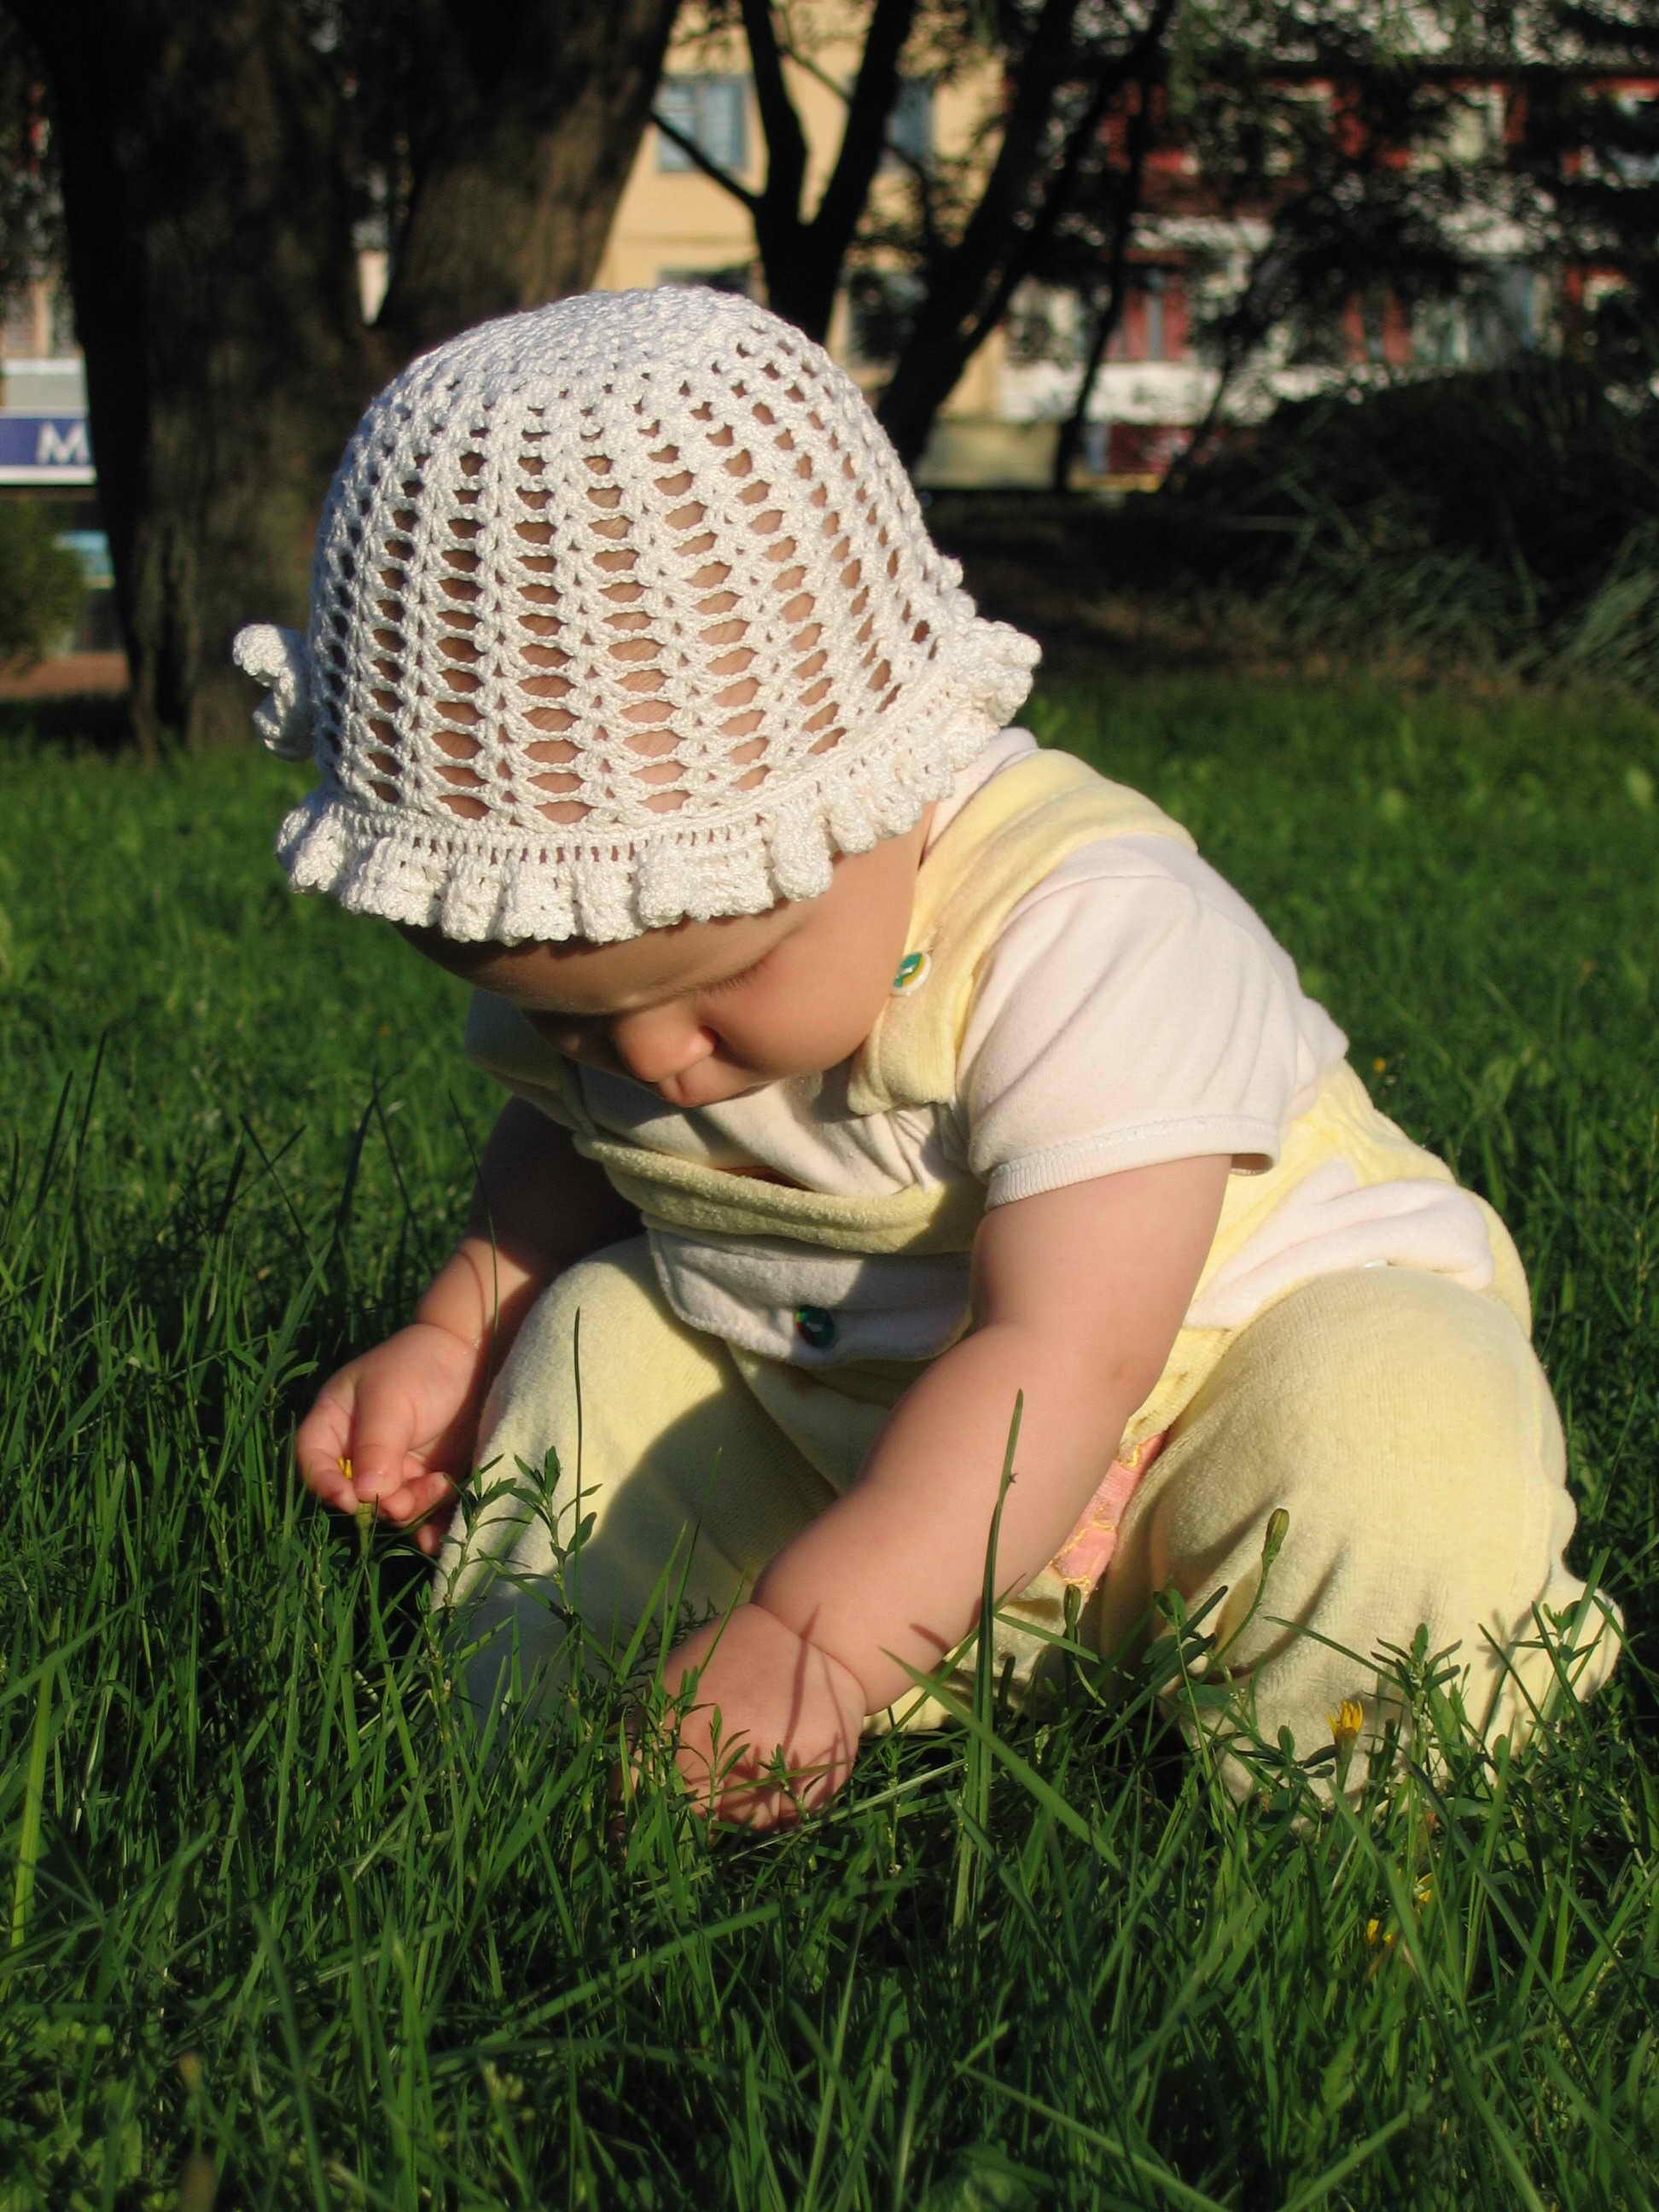 Ботаника - моё призвание. Живописцы, окуните ваши кисти!